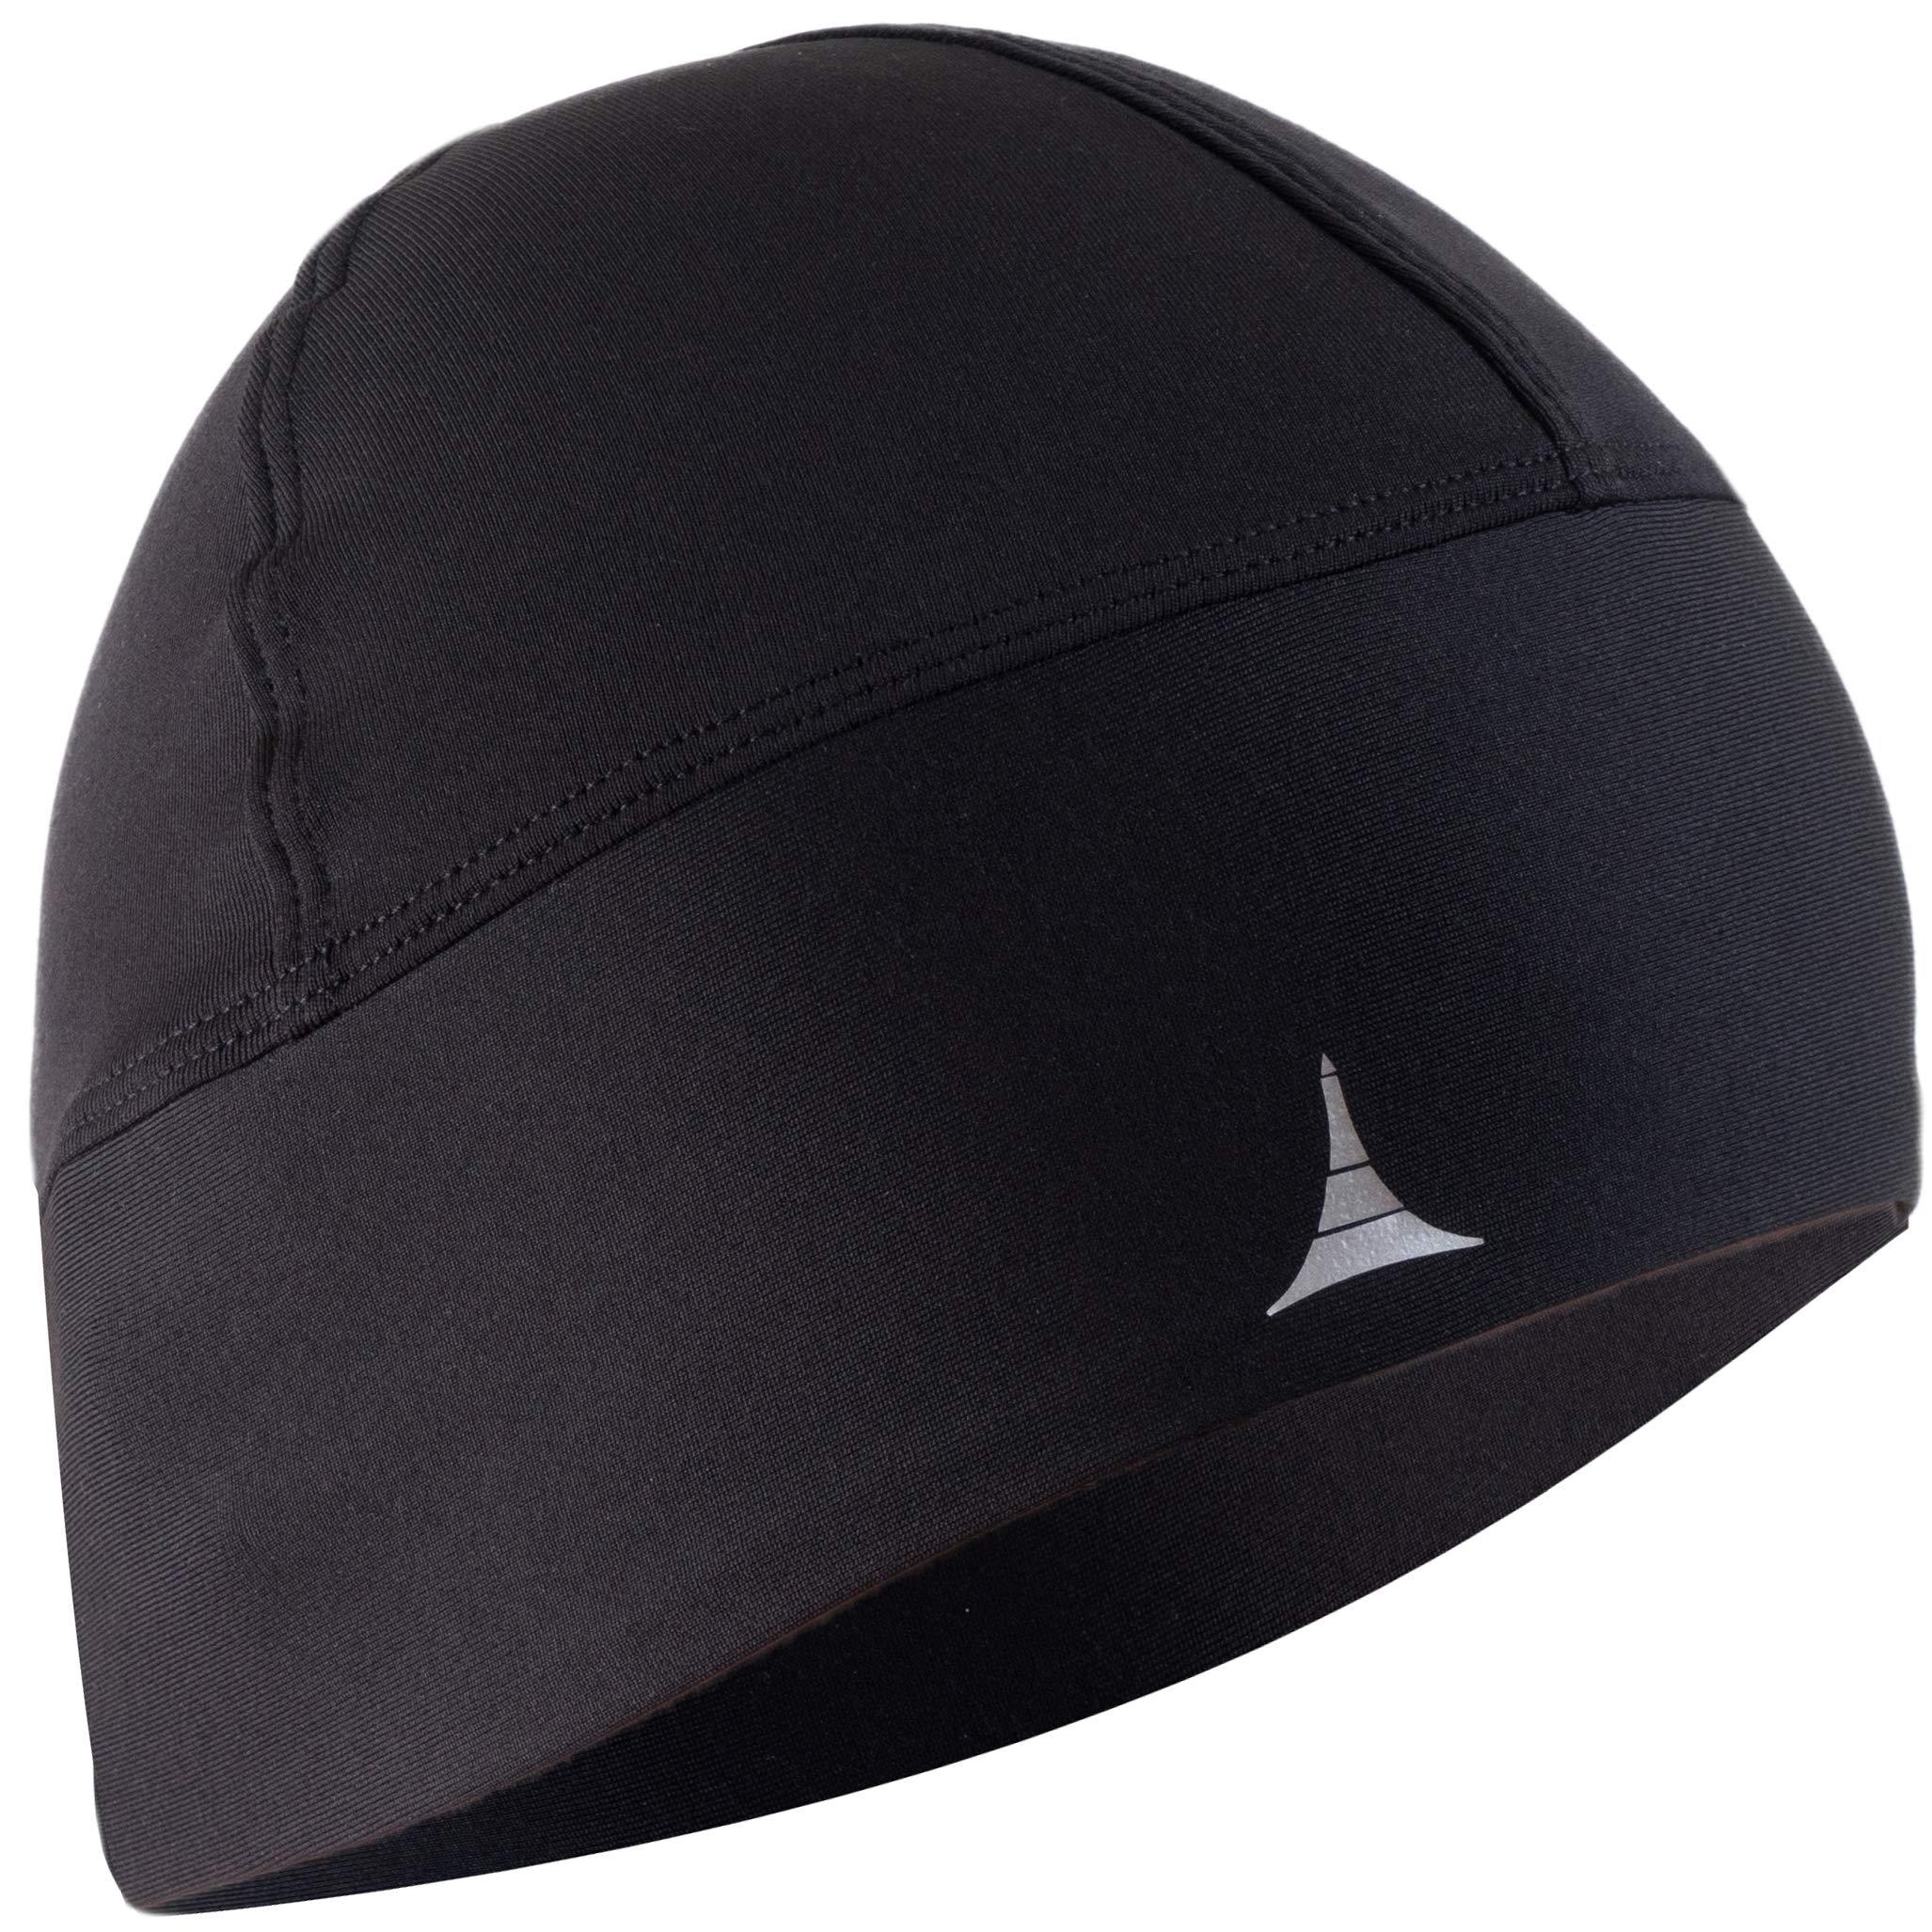 French Fitness Revolution Helmet Running